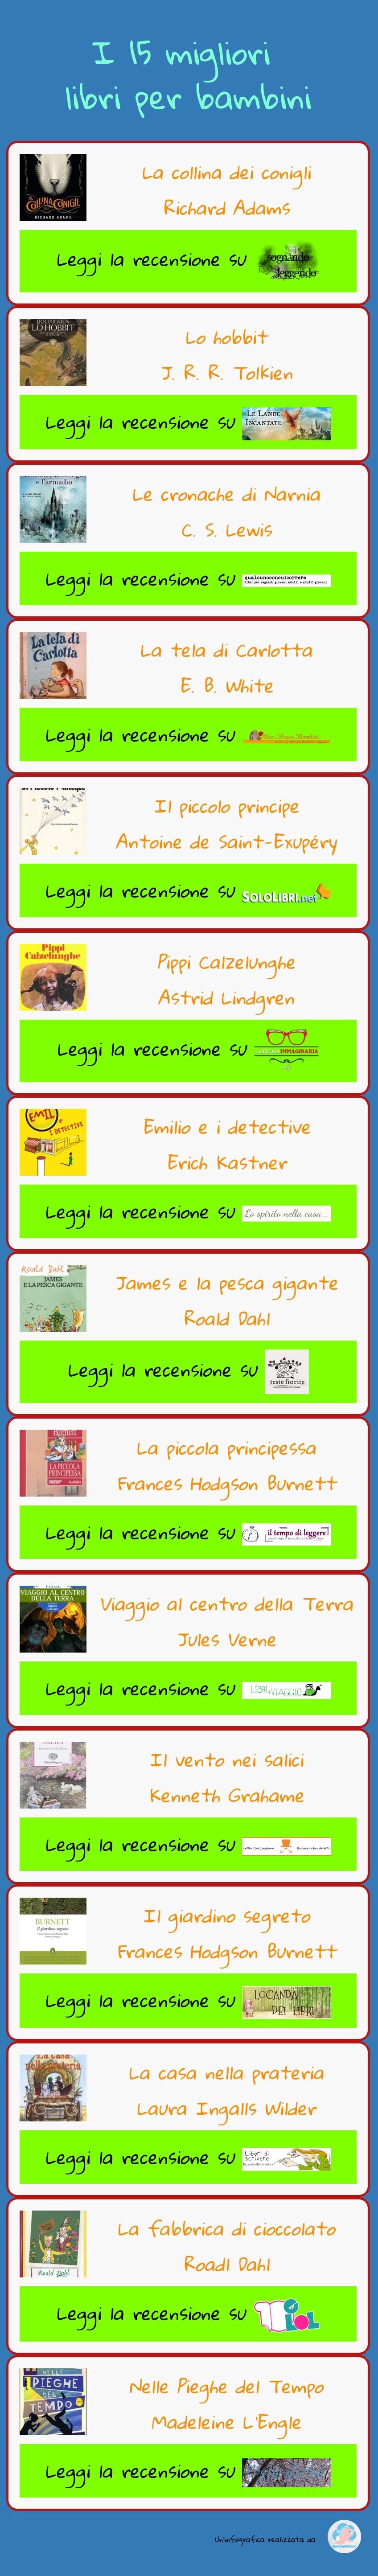 I 15 migliori libri per bambini (infografica)